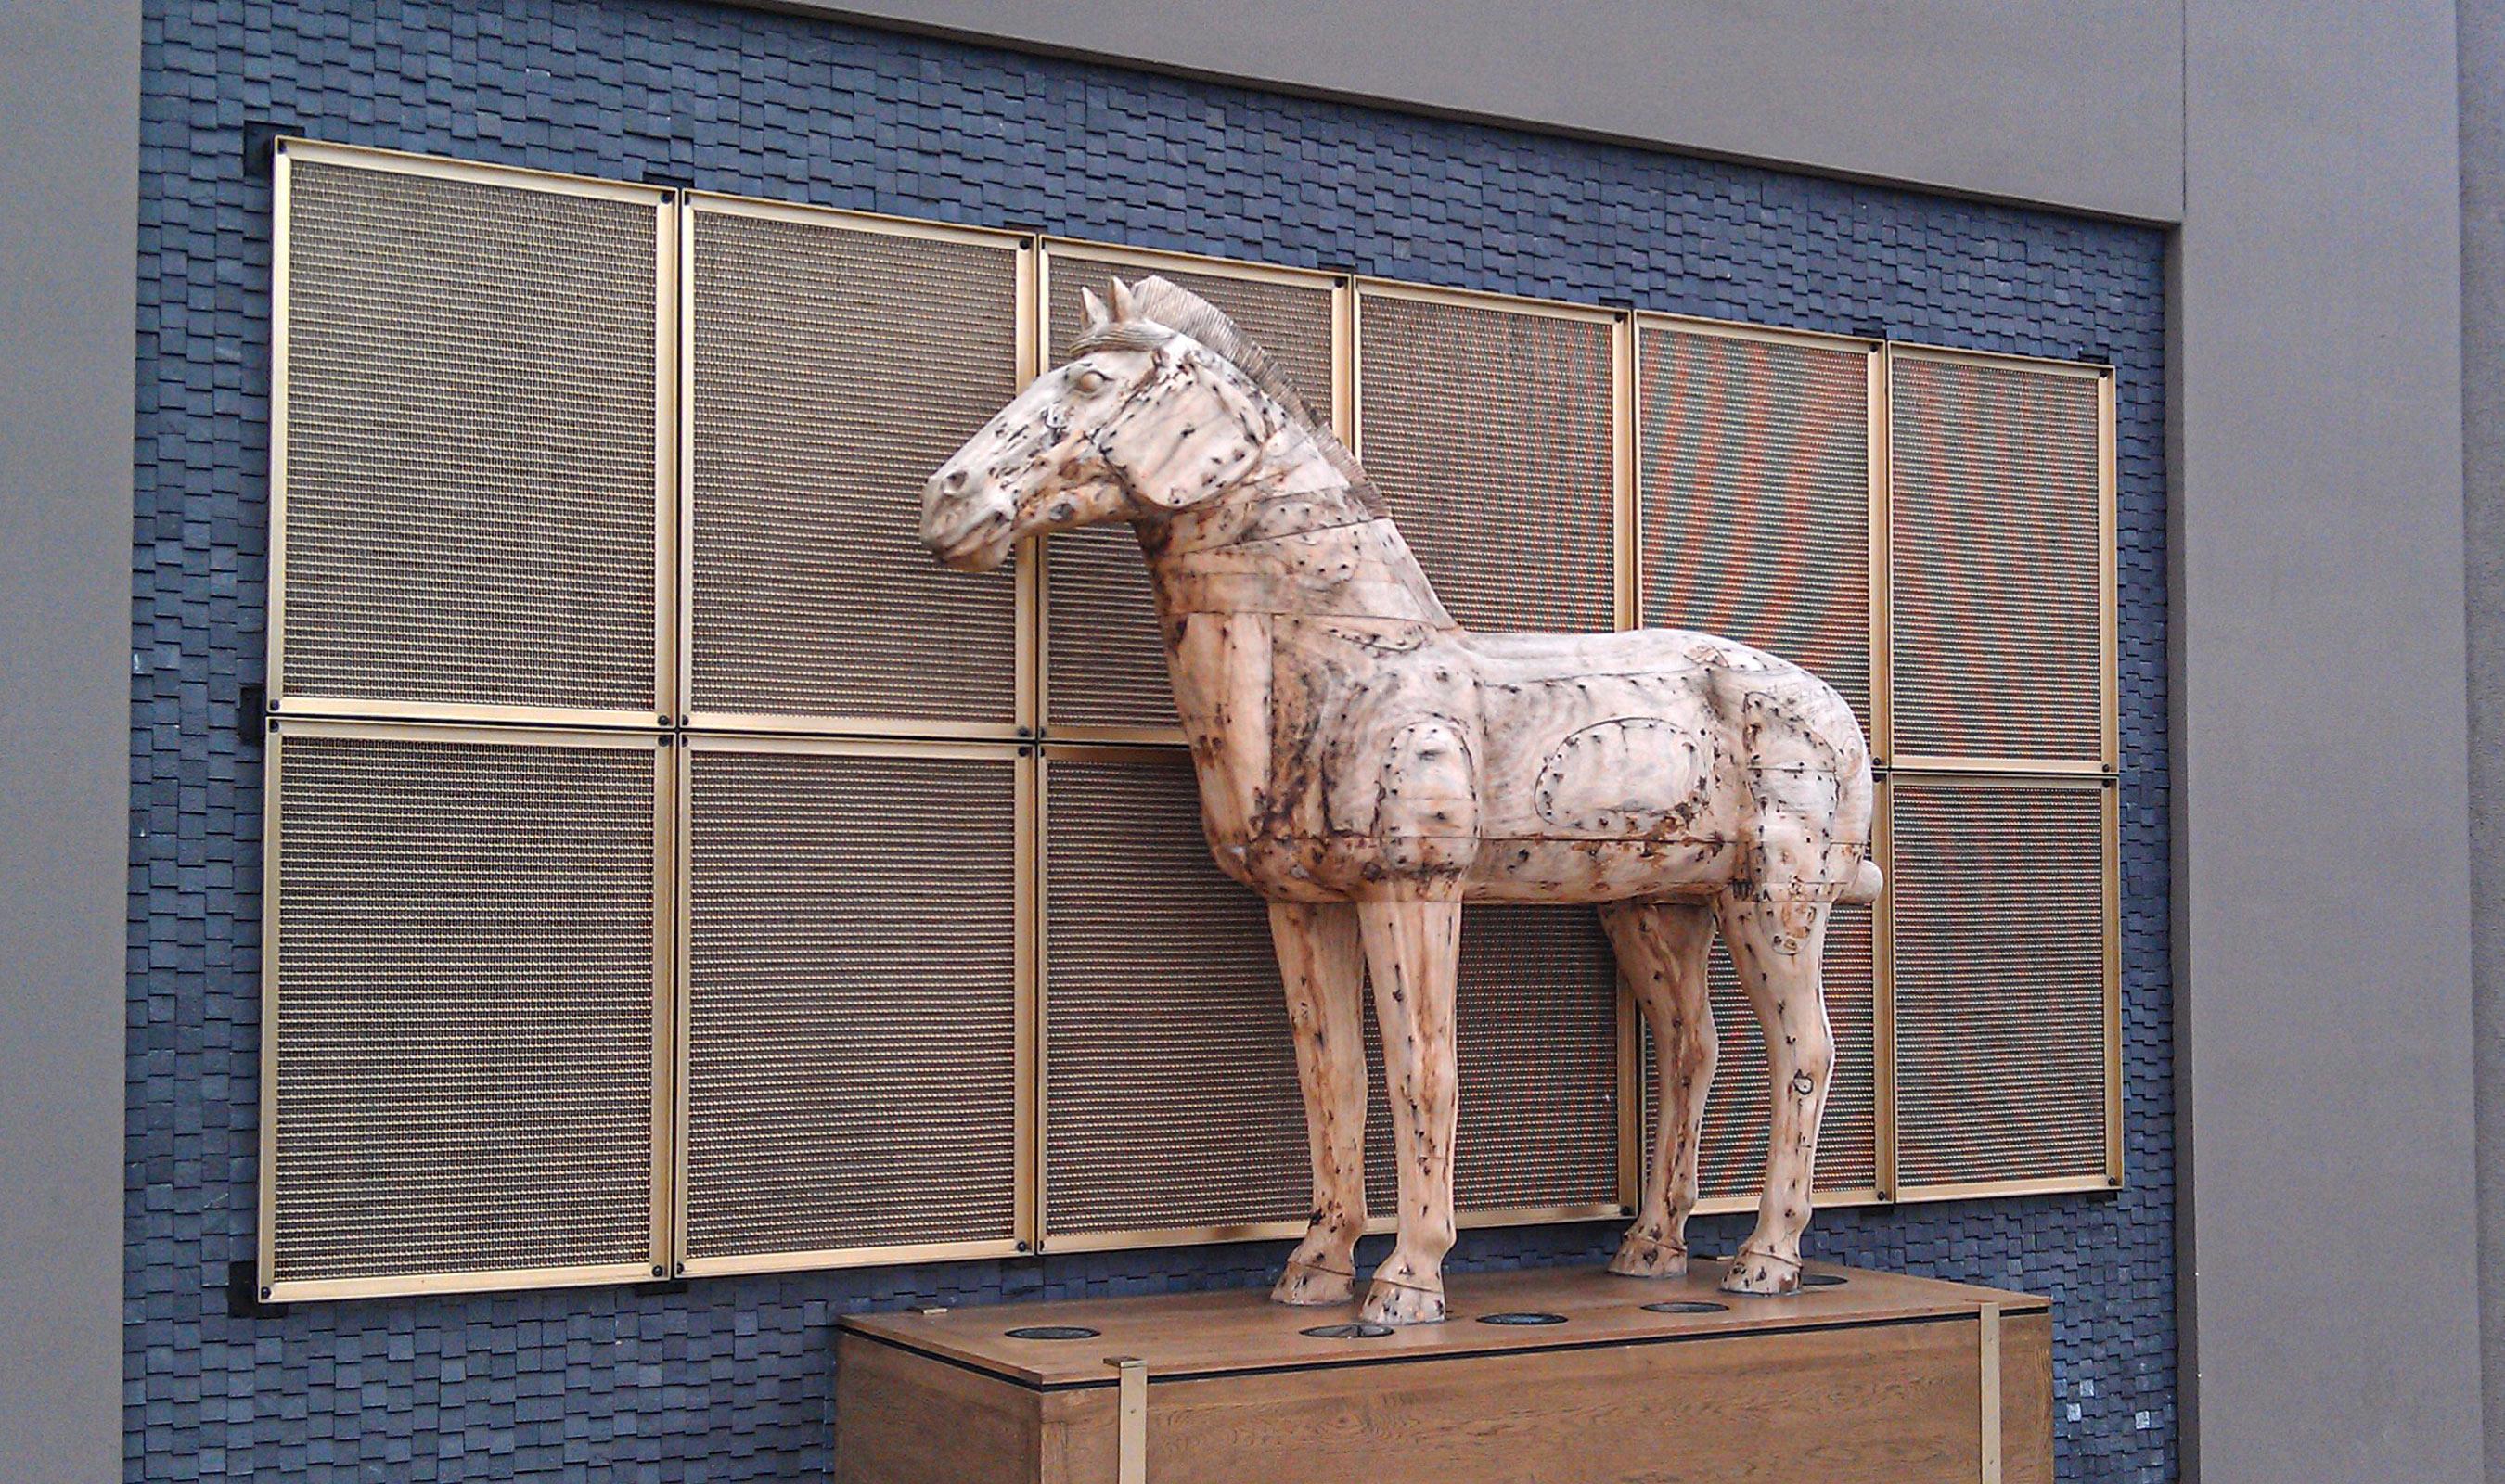 M12Z-27 Brass exterior wall panels